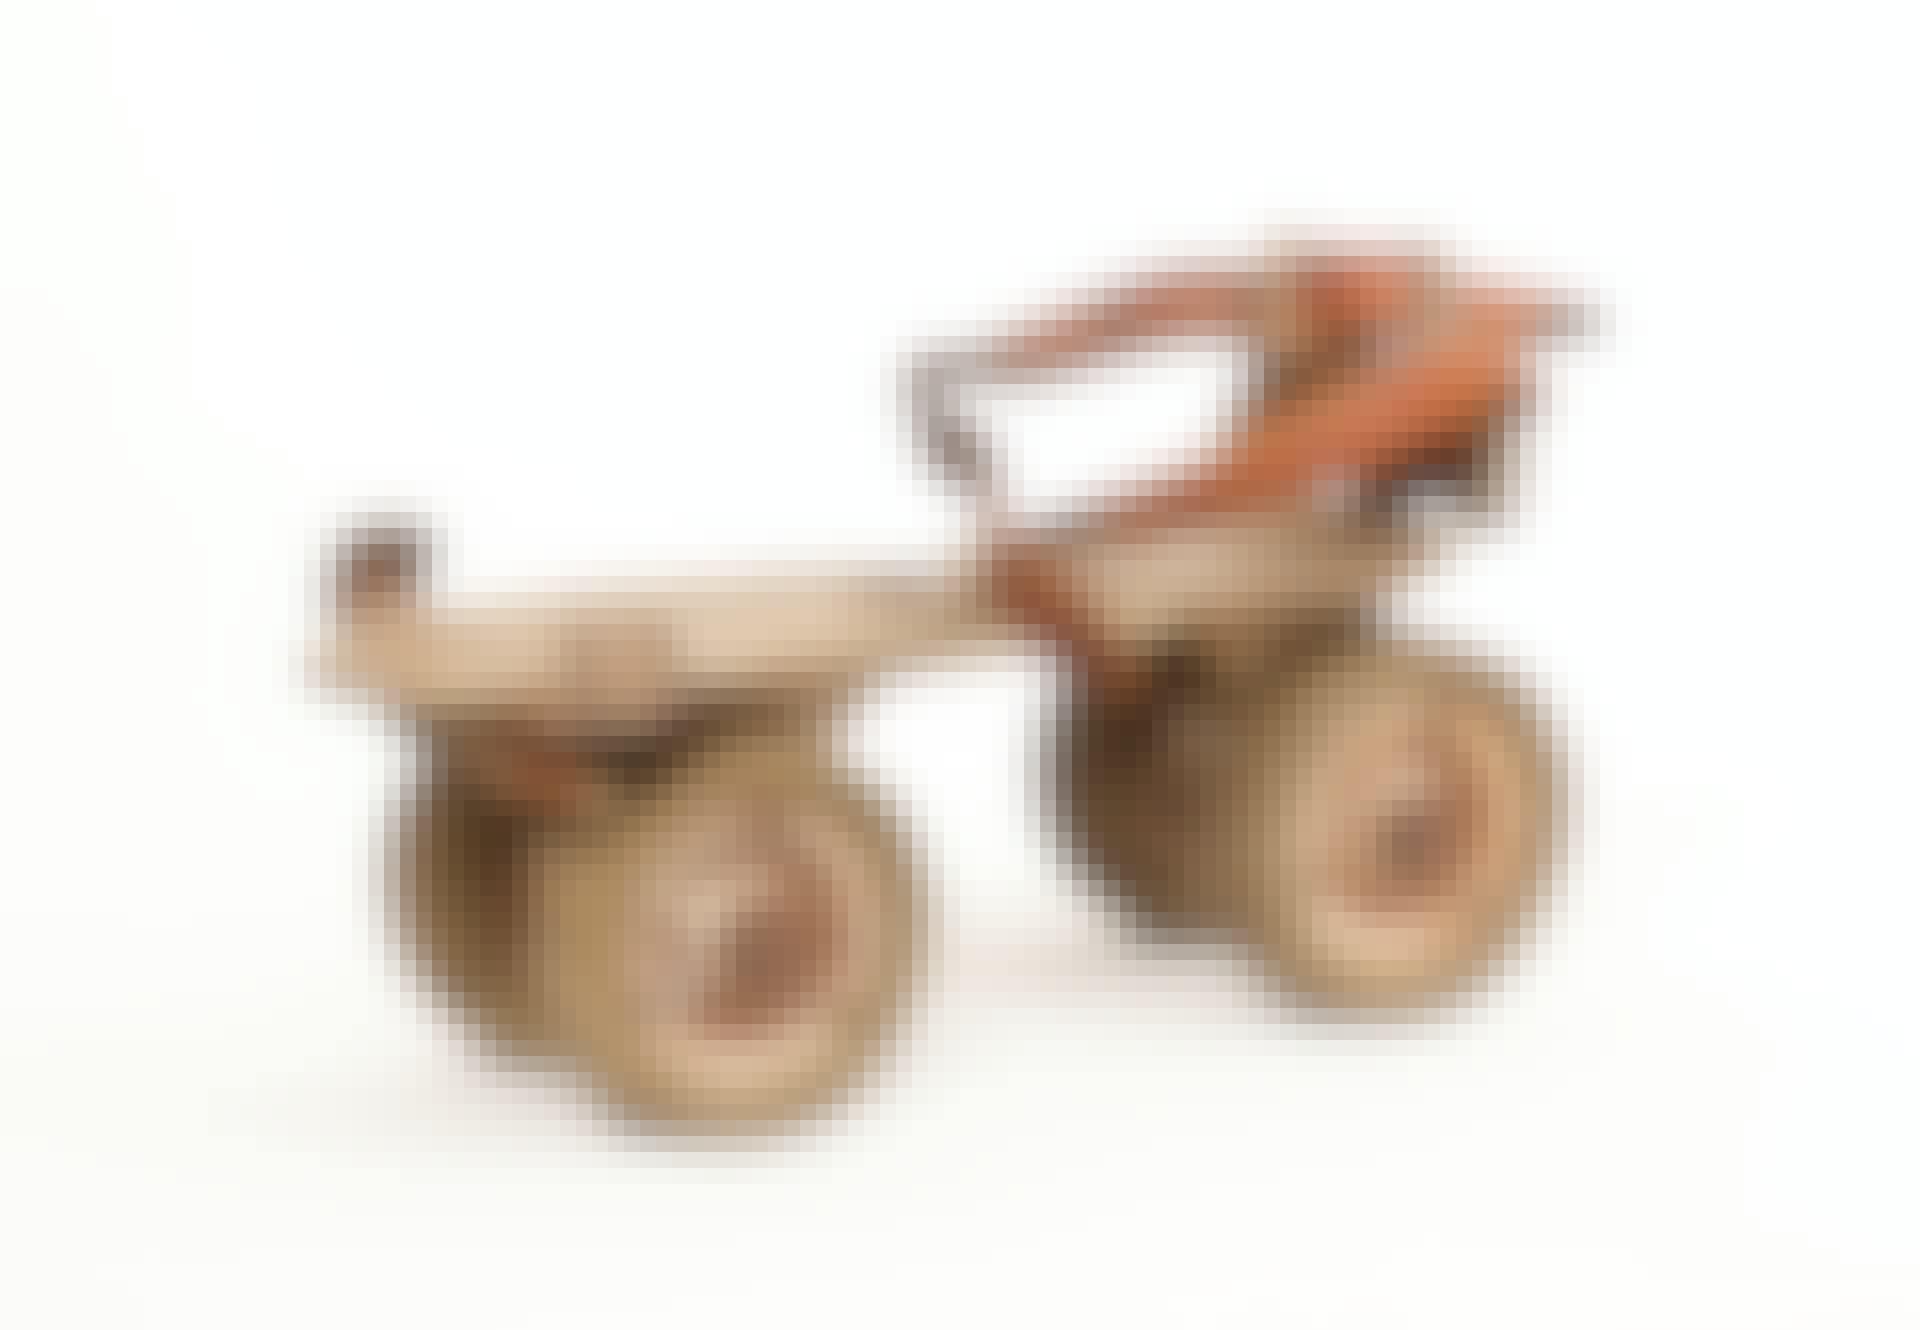 de första rullskridskorna patenterades år 1863